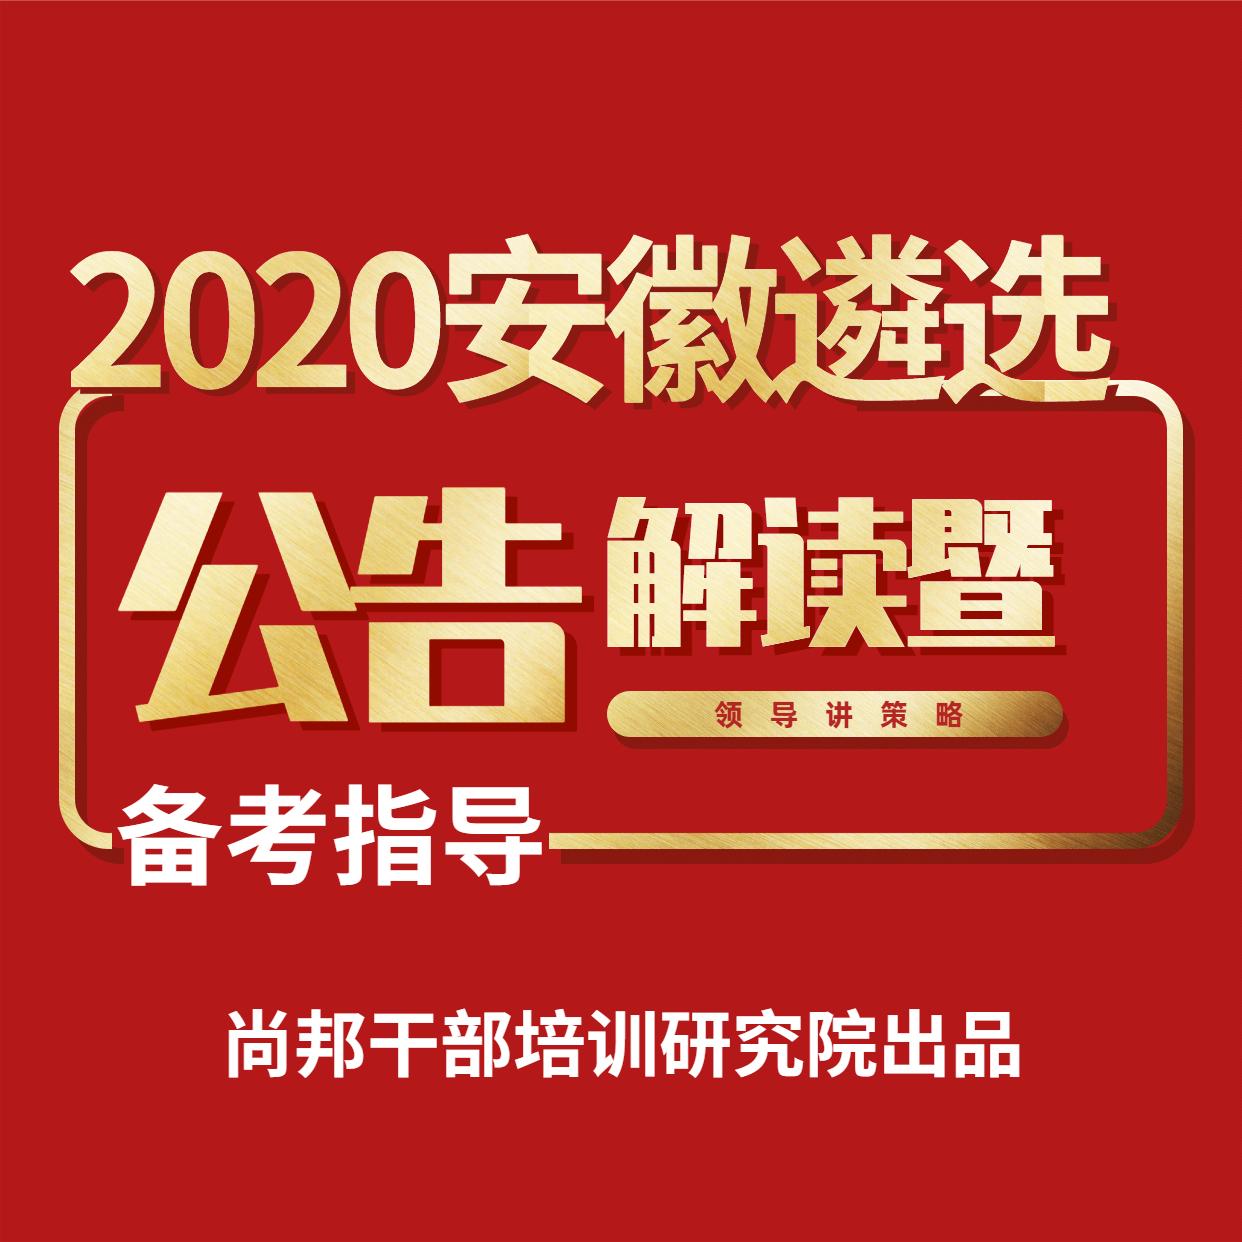 2020年遴选公务员公告解读暨高分指导